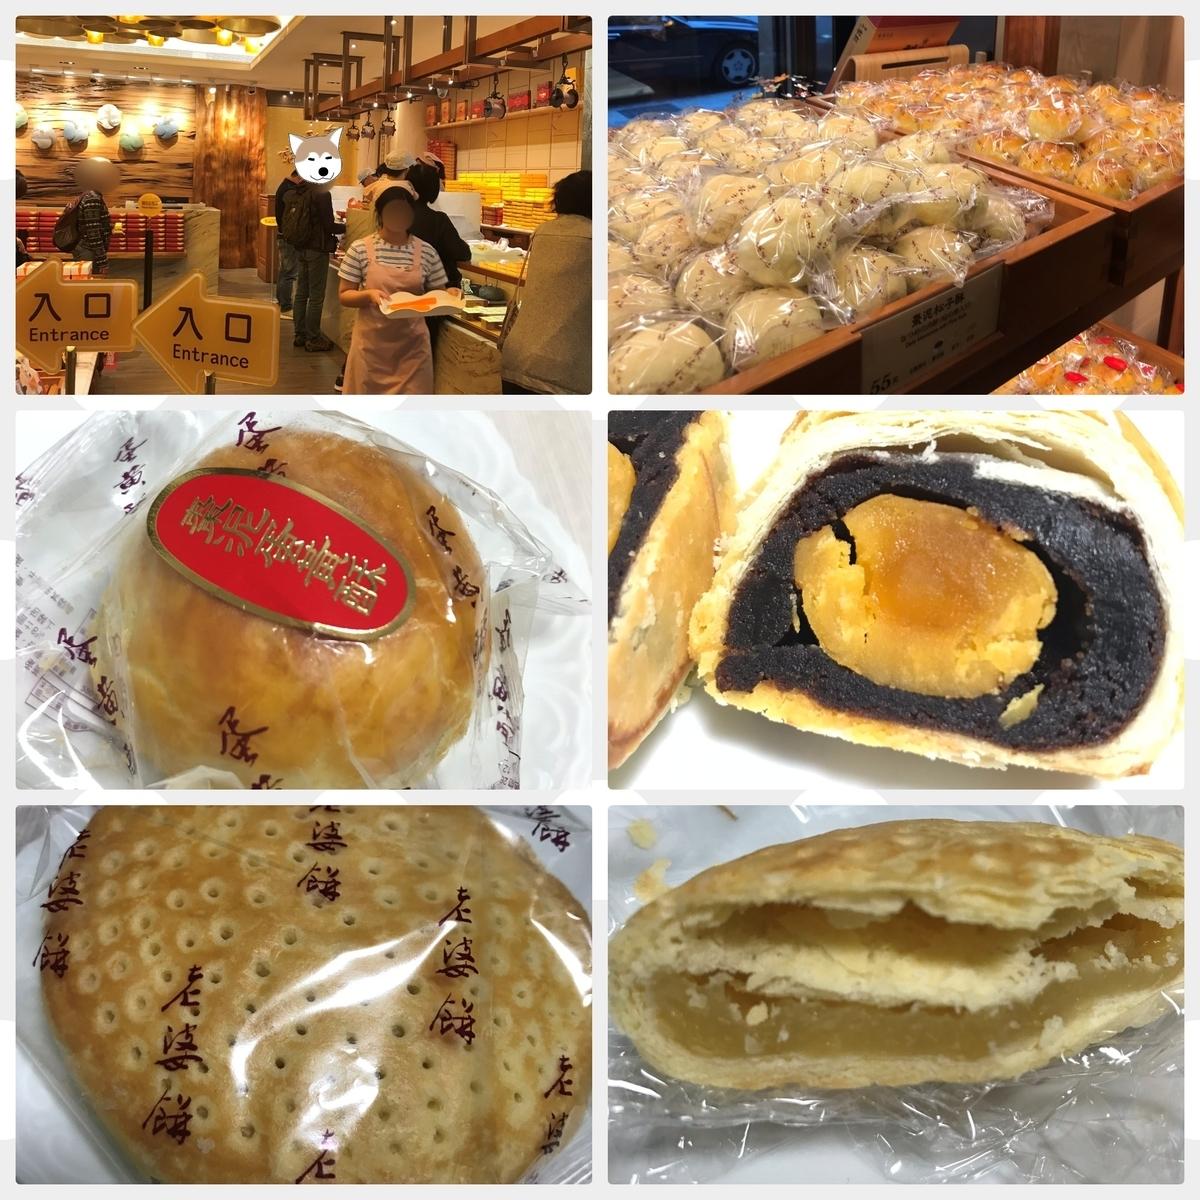 梨記餅 犁記餅店 台湾菓子 パイナップルケーキ